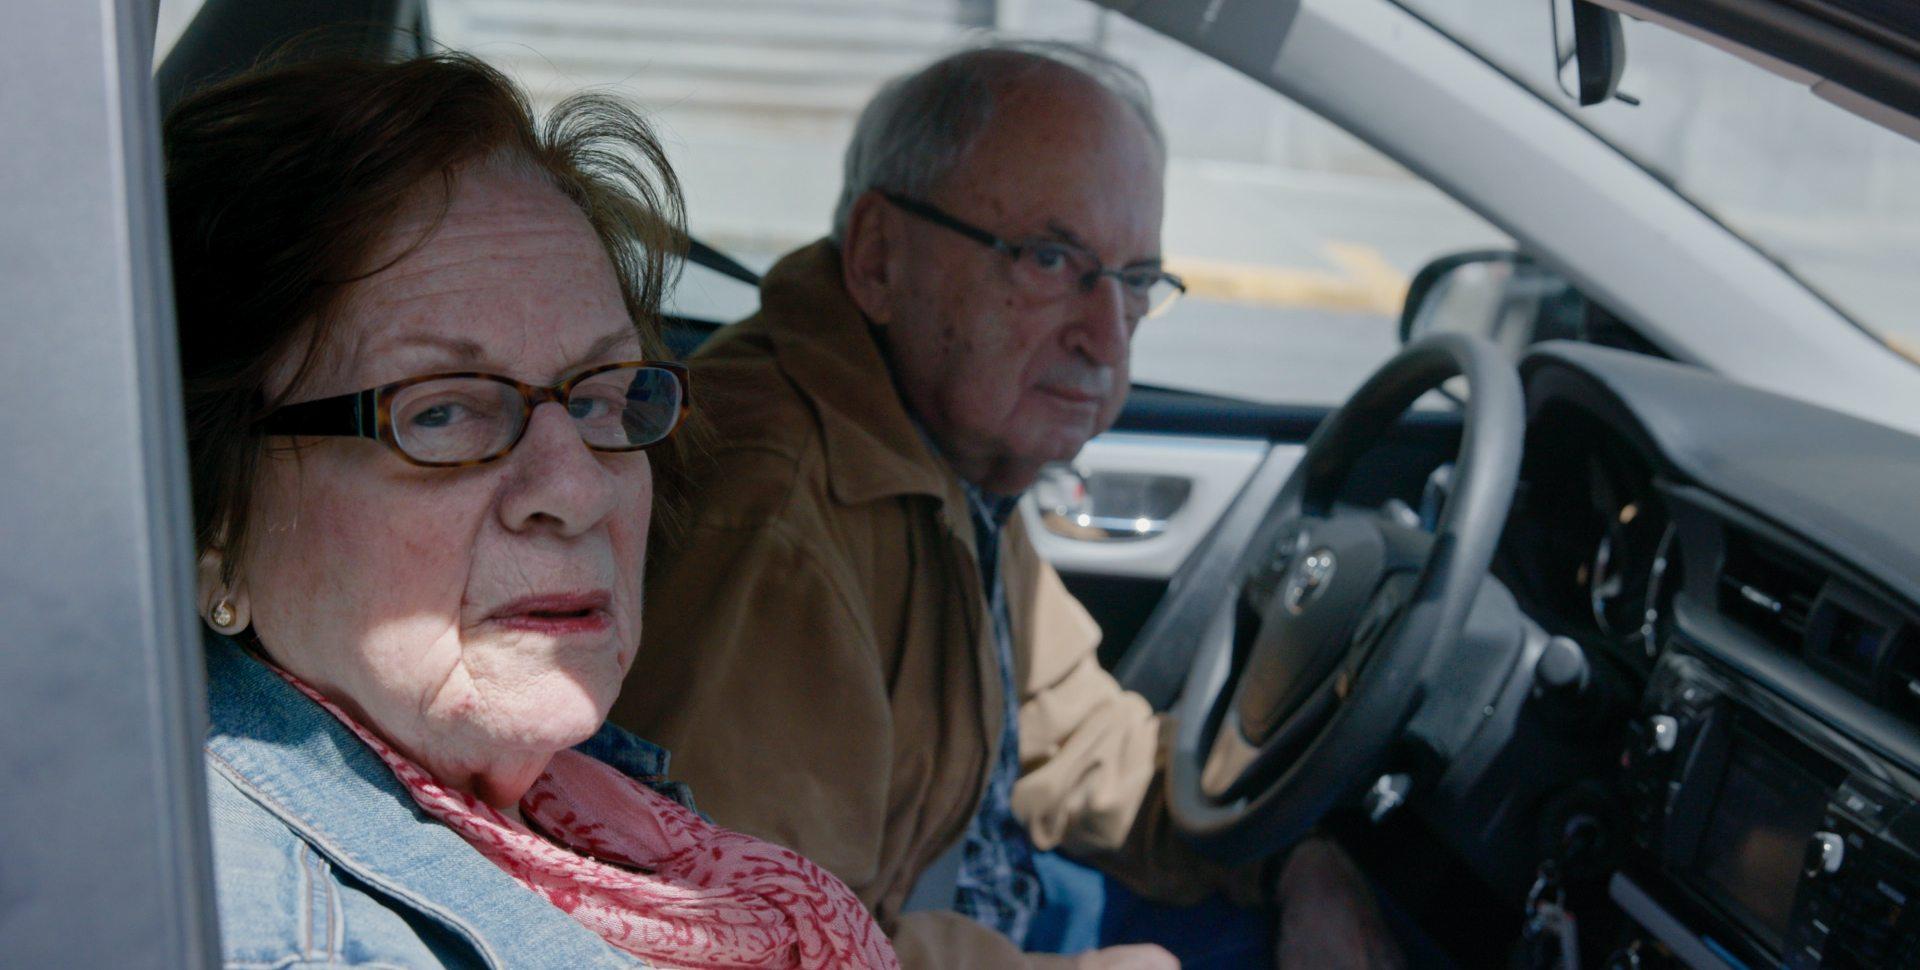 http://mdfilmfest.com/wp-content/uploads/Backseat_web.jpg